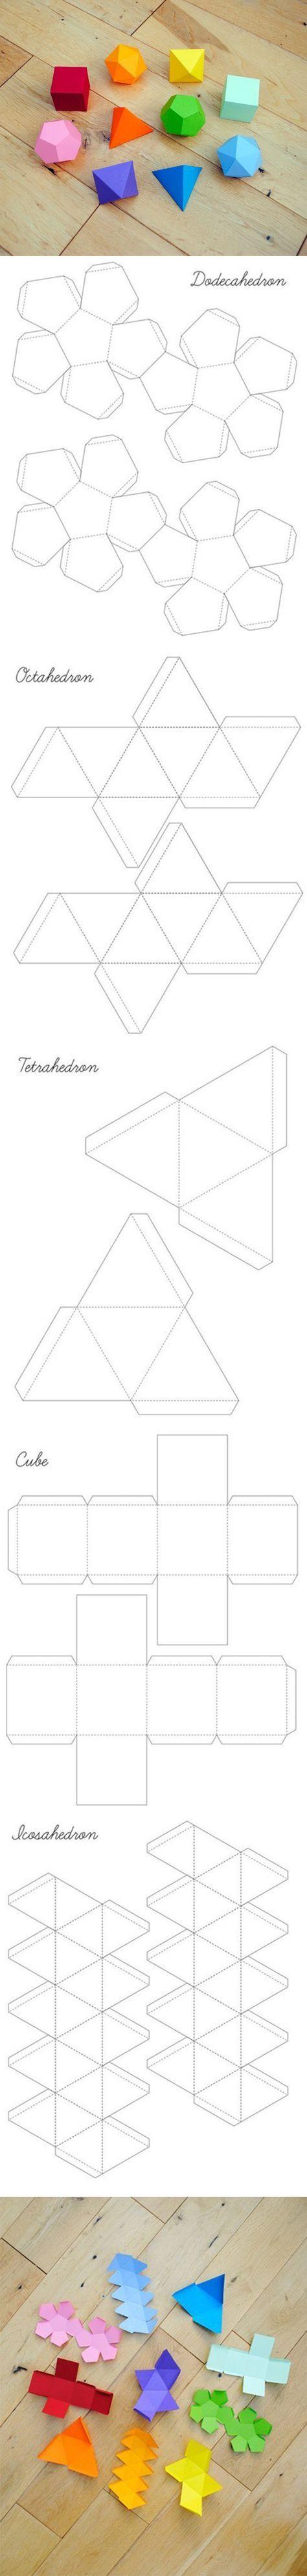 Объемные фигуры своими руками схемы шаблоны